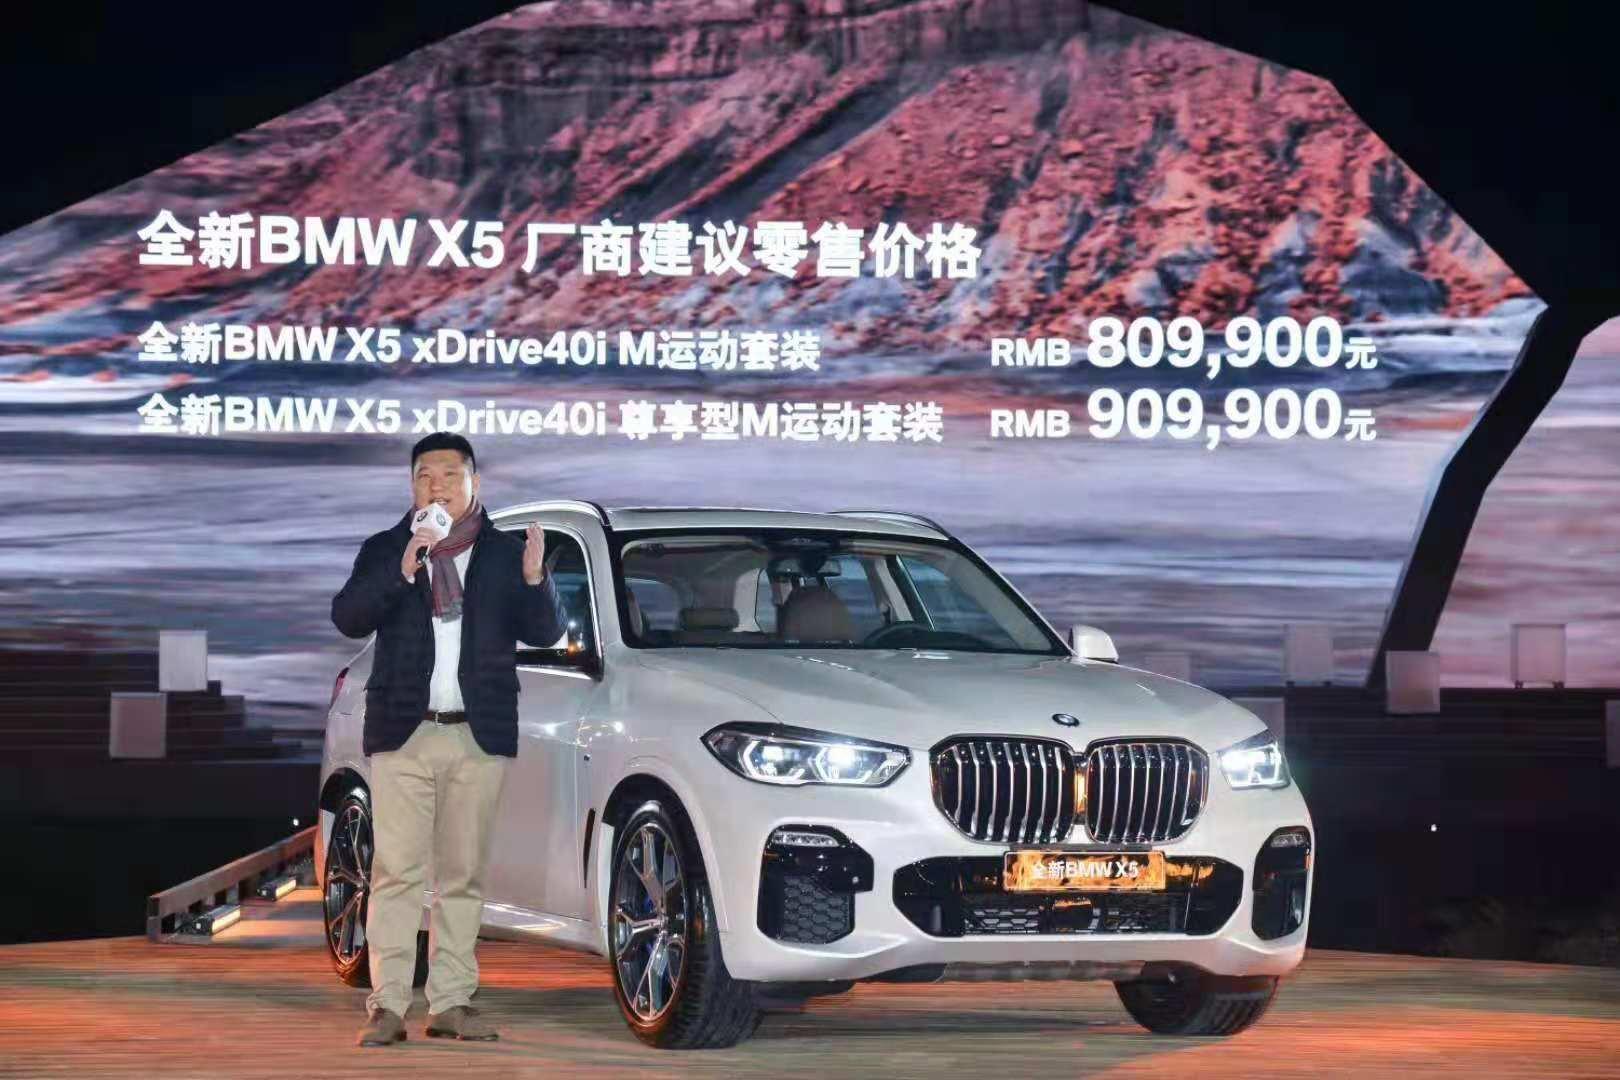 宝马X5/第七代天籁 2018年12月上市新车盘点